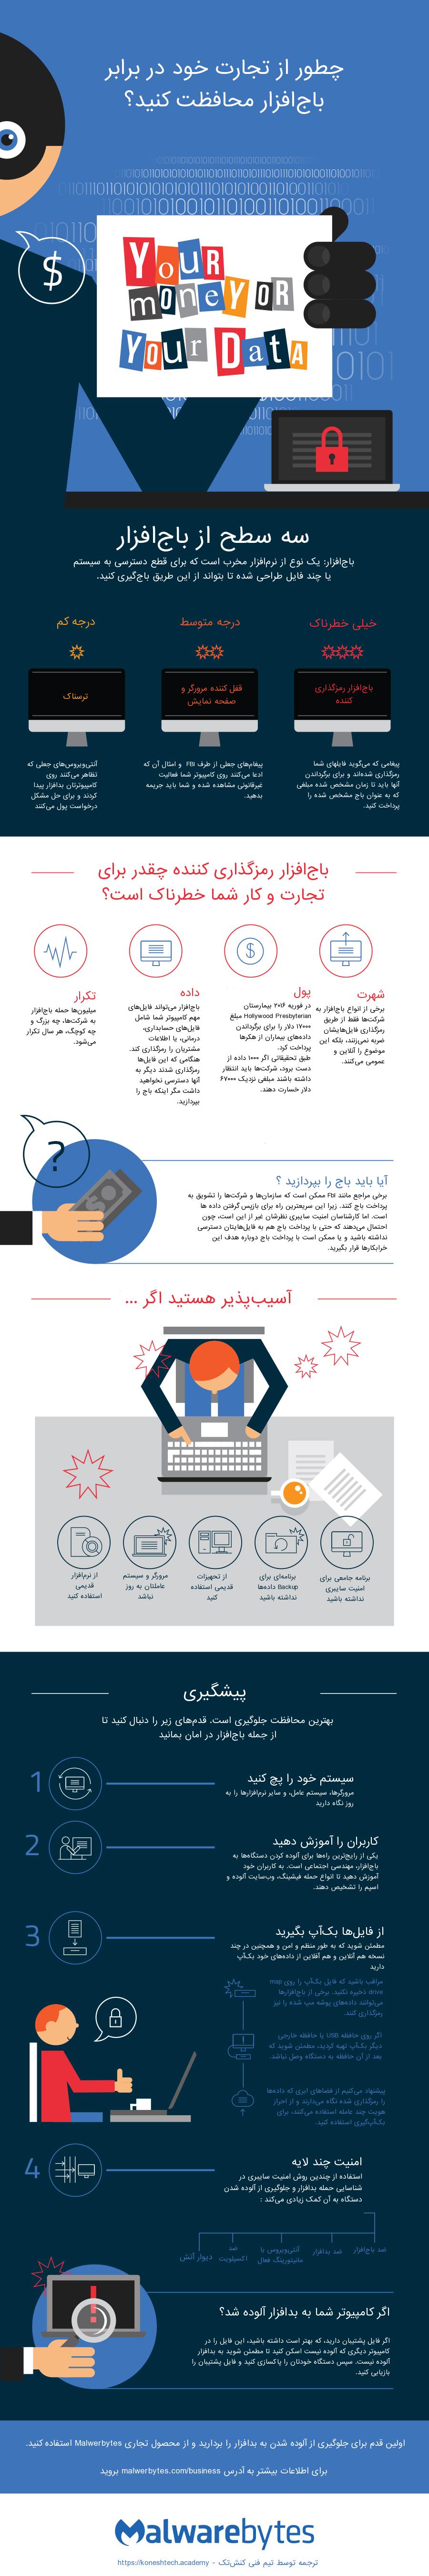 چگونه از تجارت خود در برابر باجافزار محافظت کنید